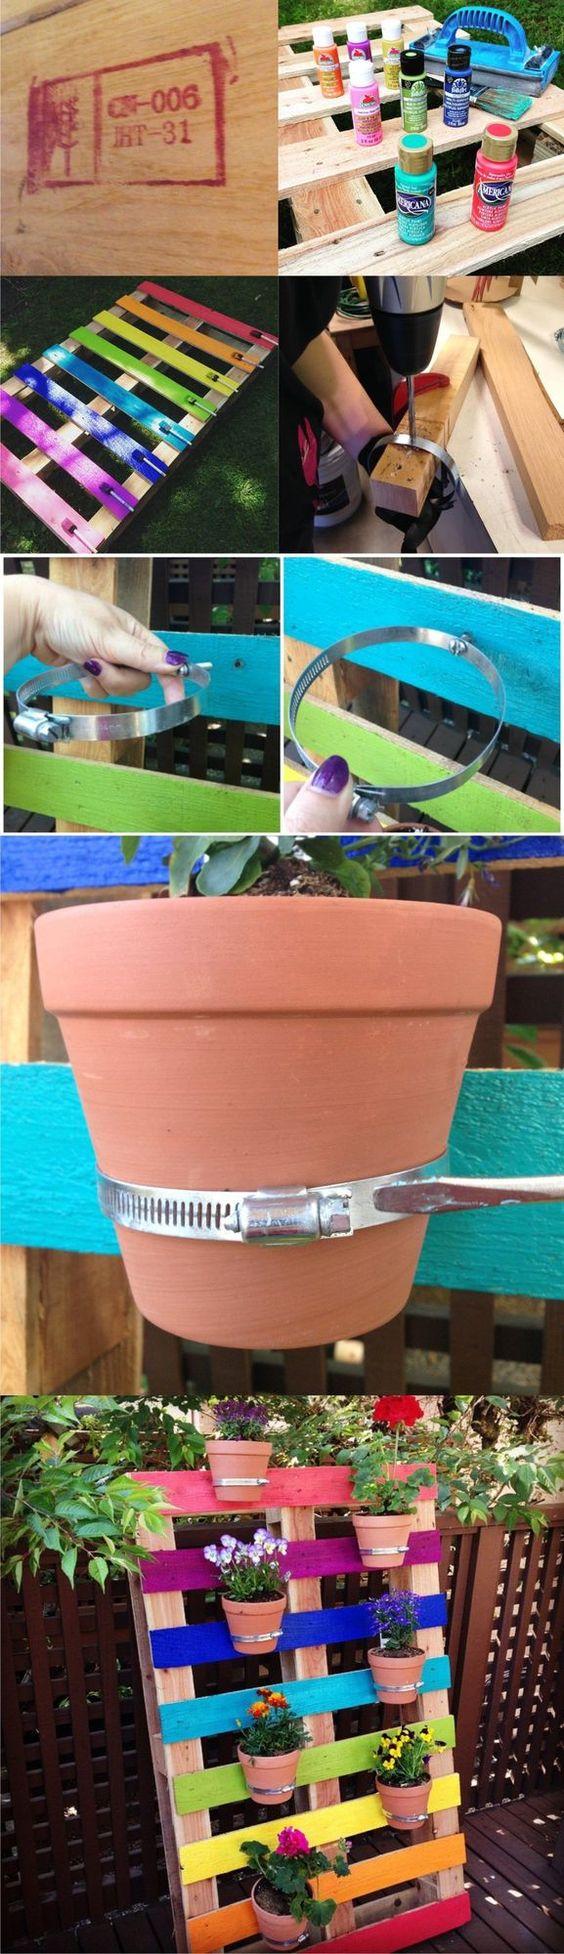 Este fantástico proyecto que hemos visto en hellocreativefamily, lleva a otro nivel el uso de un palé como base y soporte para un pequeño jardín vertical. Han utilizado diferentes colores hasta crear: